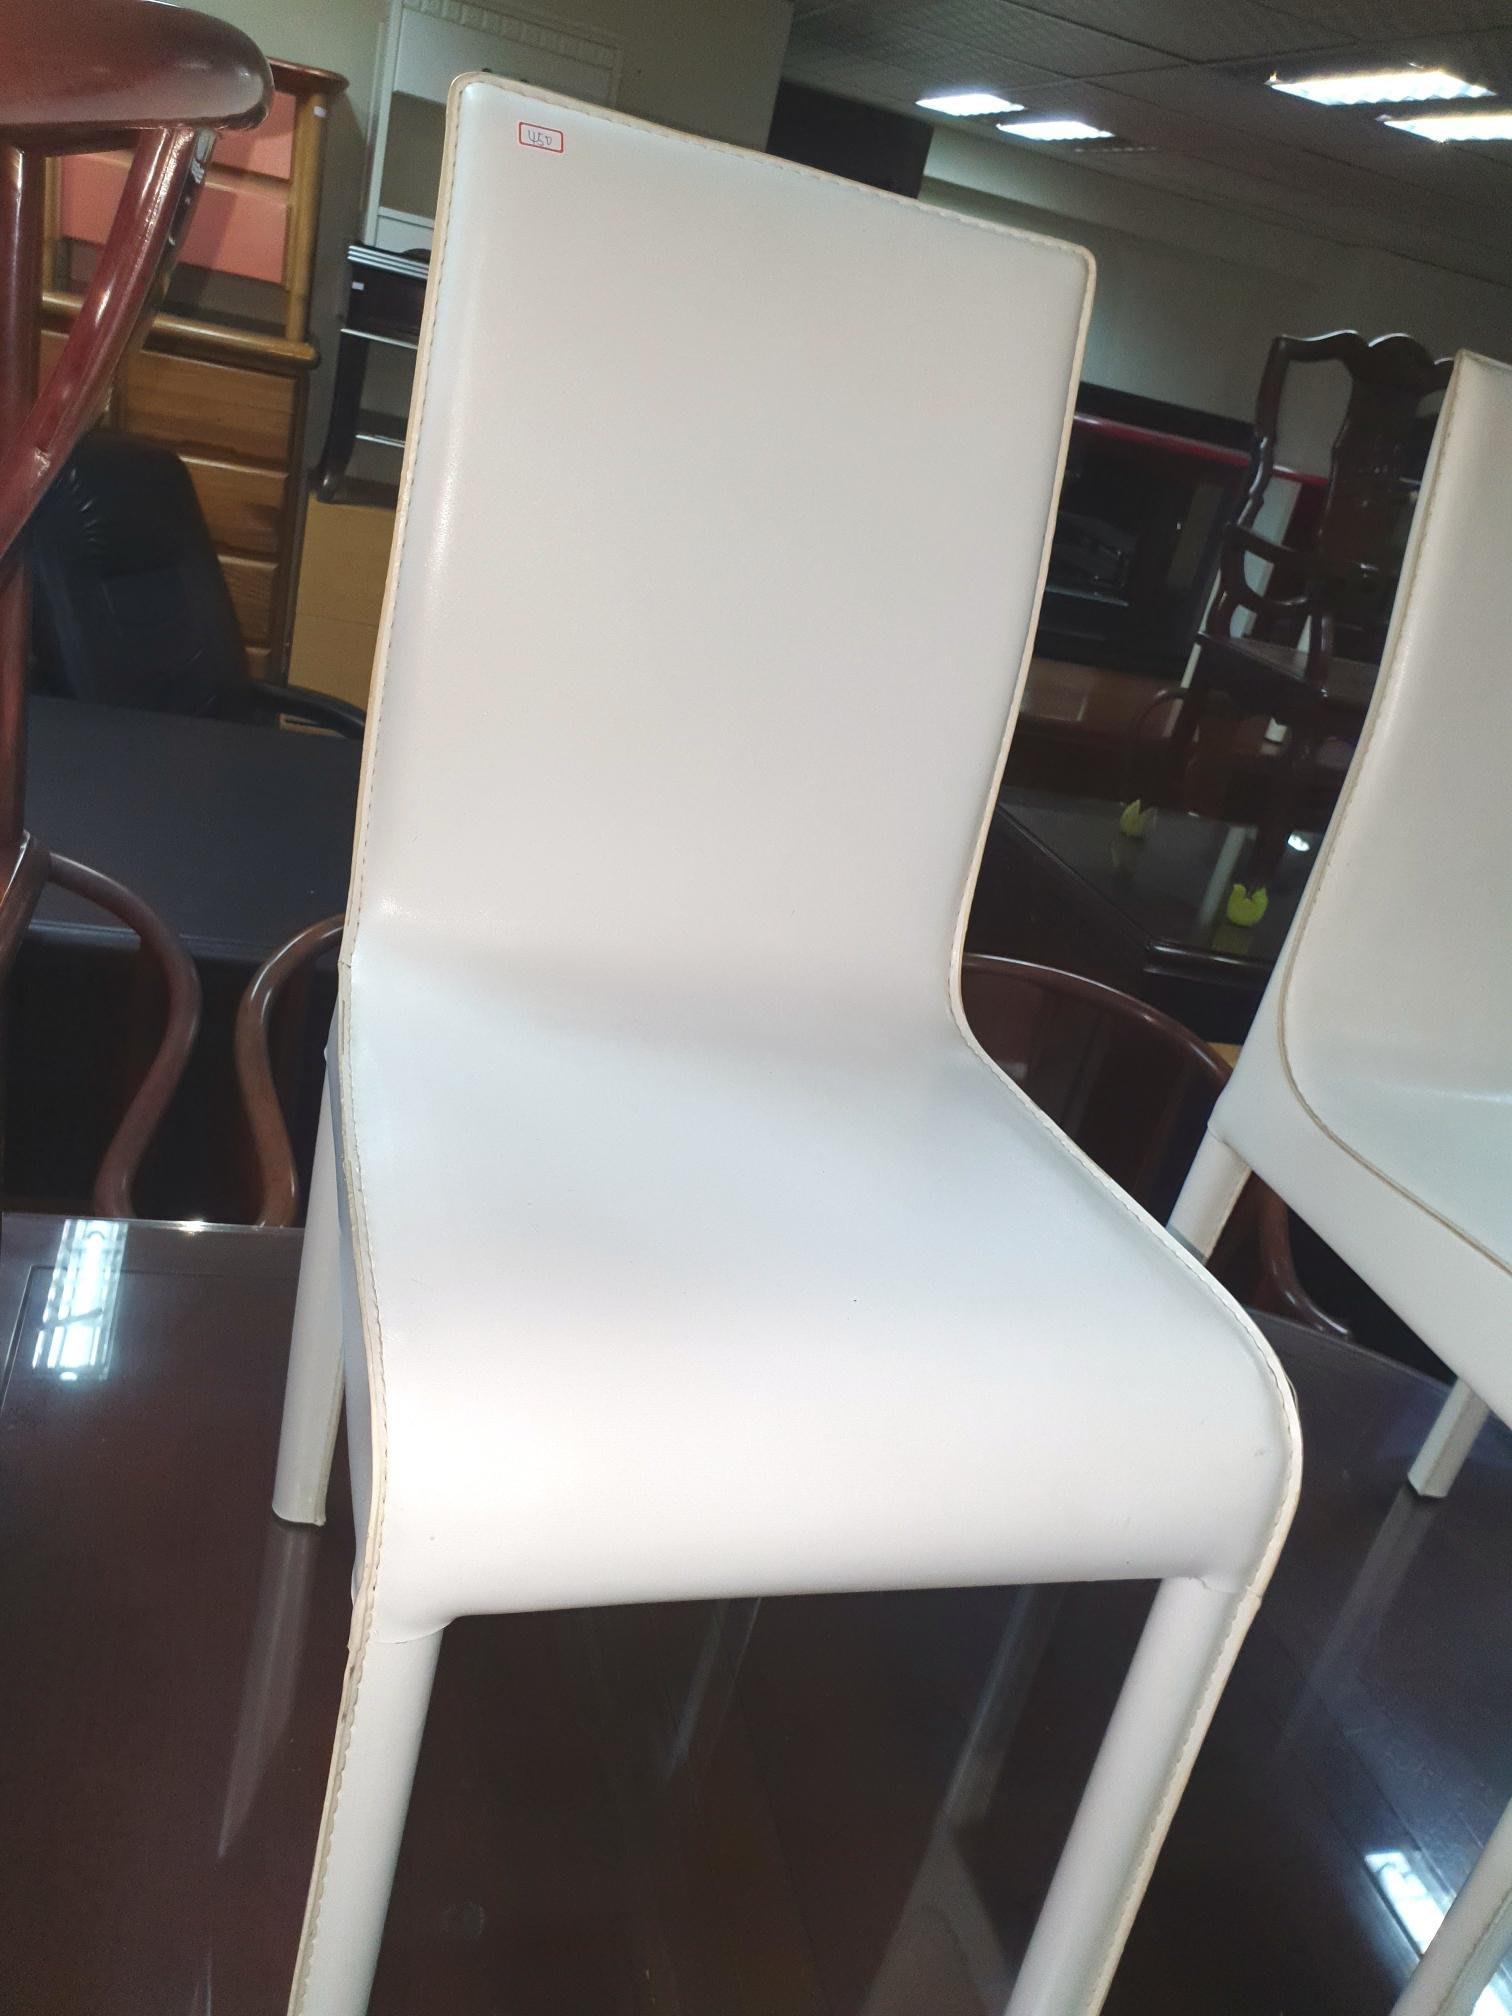 新竹二手家具買賣來來-白色皮&餐椅~新竹搬家公司|竹北-新豐竹南頭份-2手-家電買賣中古實木-傢俱沙發-茶几-衣櫥-床架-床墊-冰箱-洗衣機